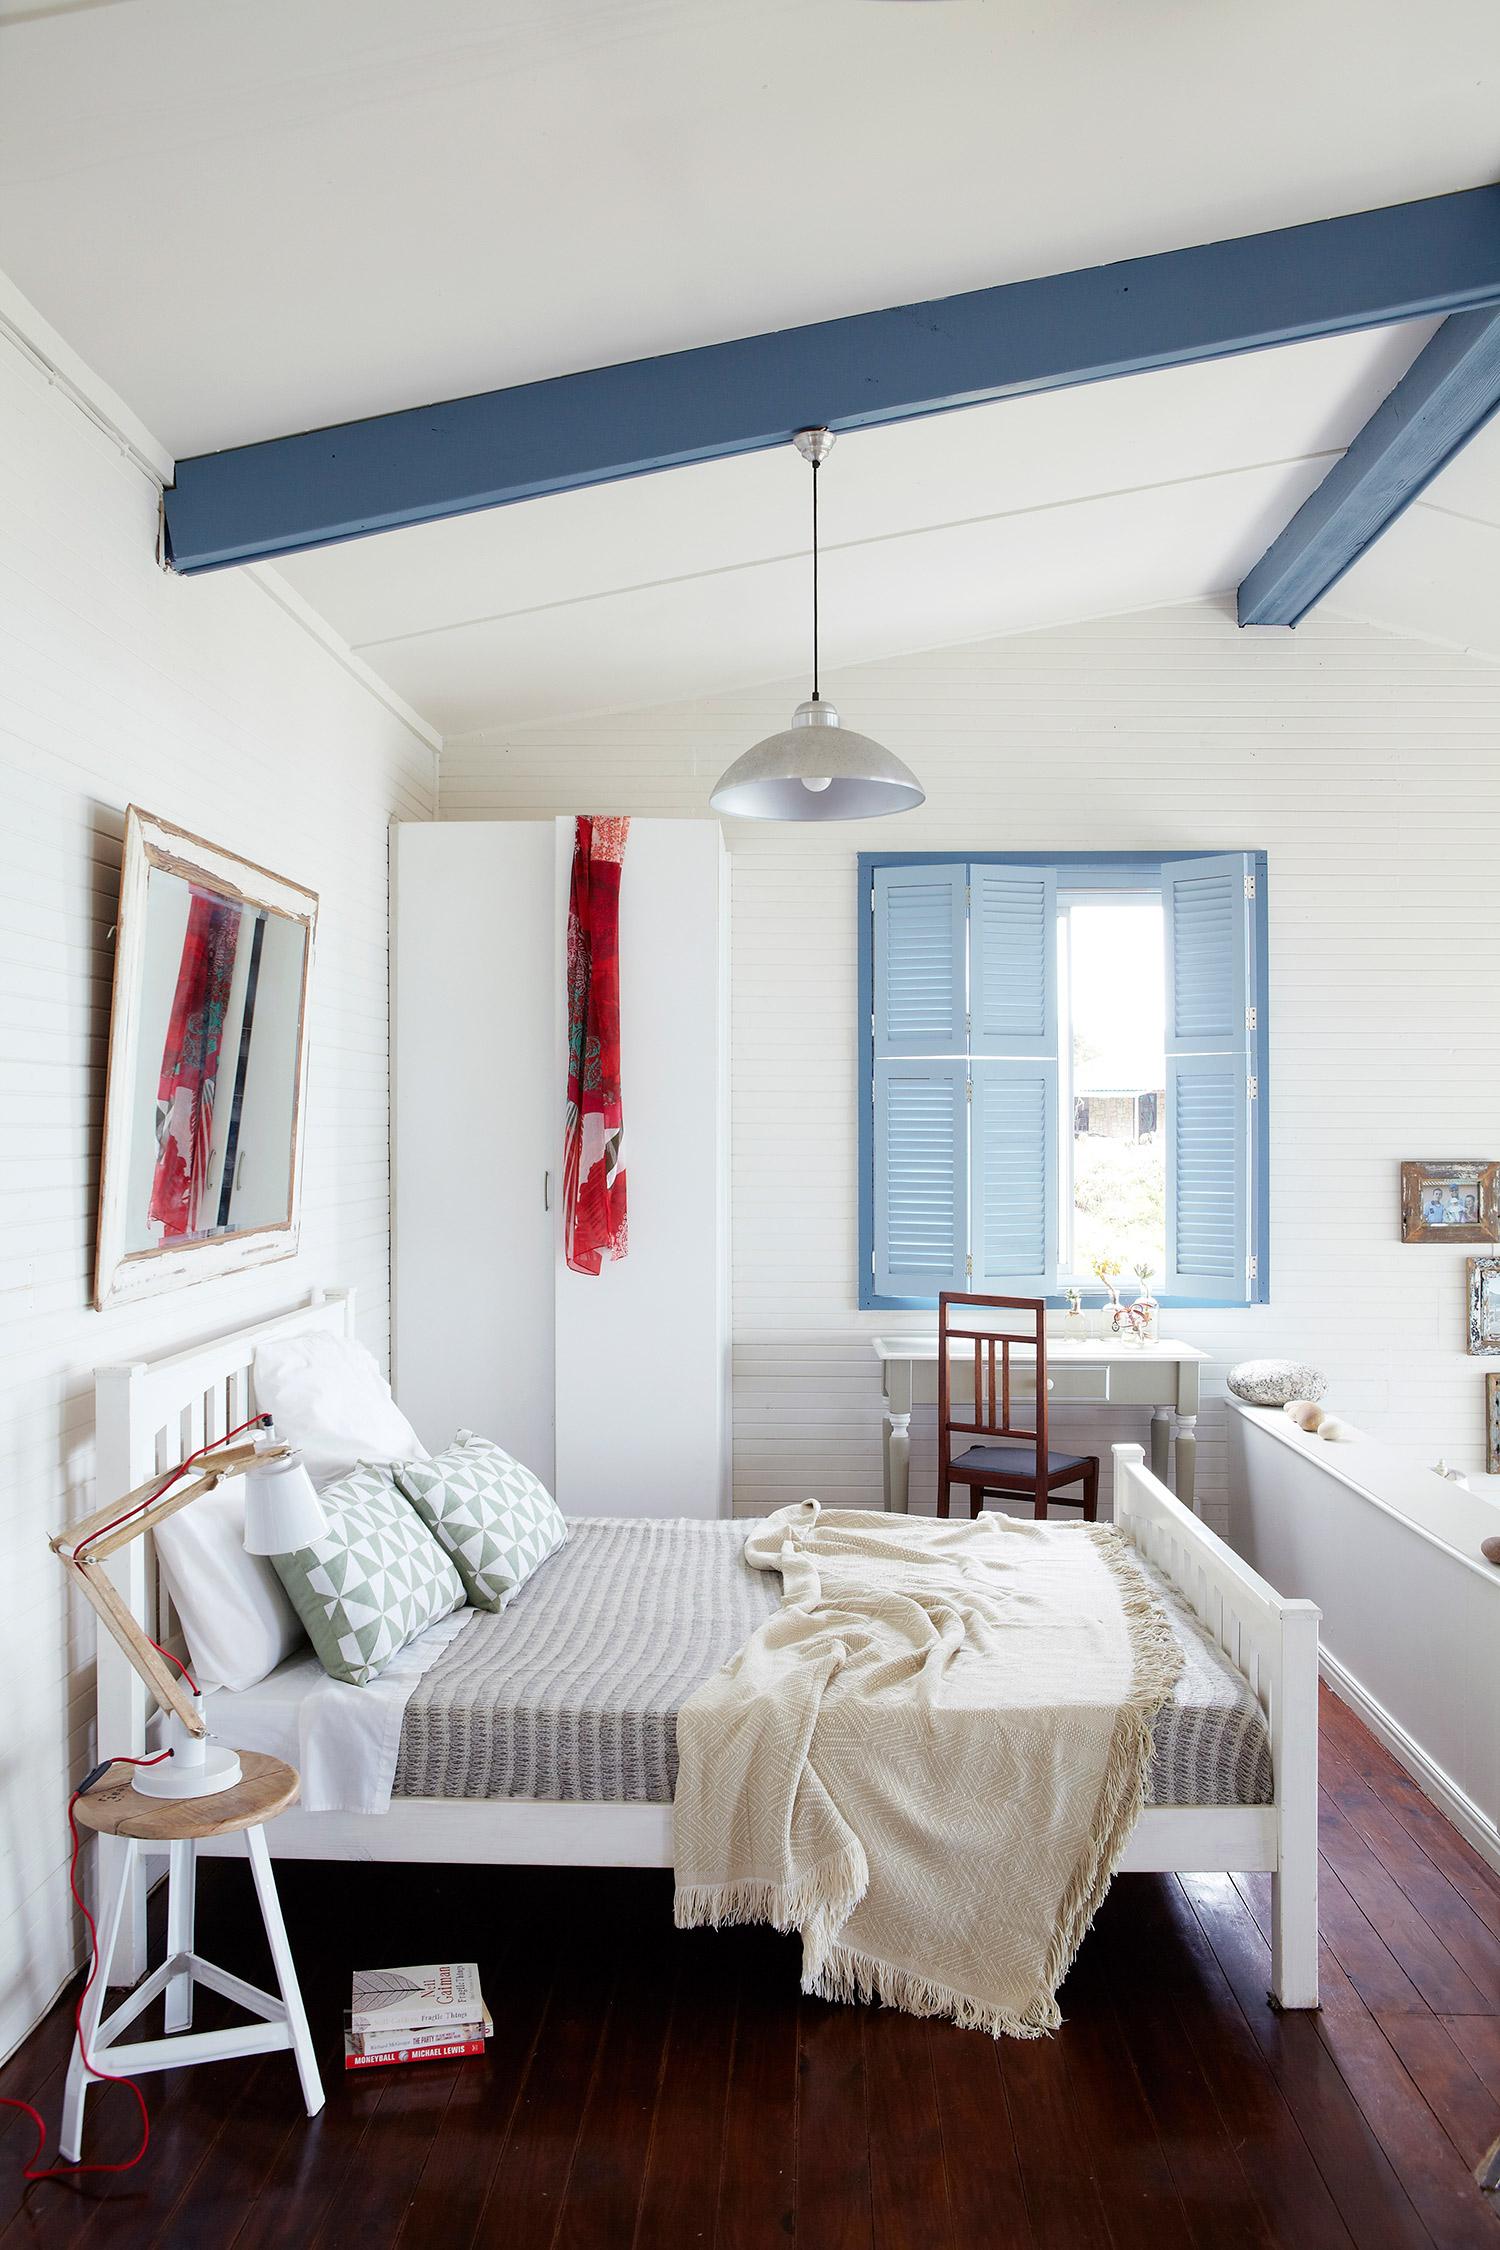 Una casa sulla spiaggia vacanze estate coastal westwing for Piani di casa spiaggia stile ghiaia